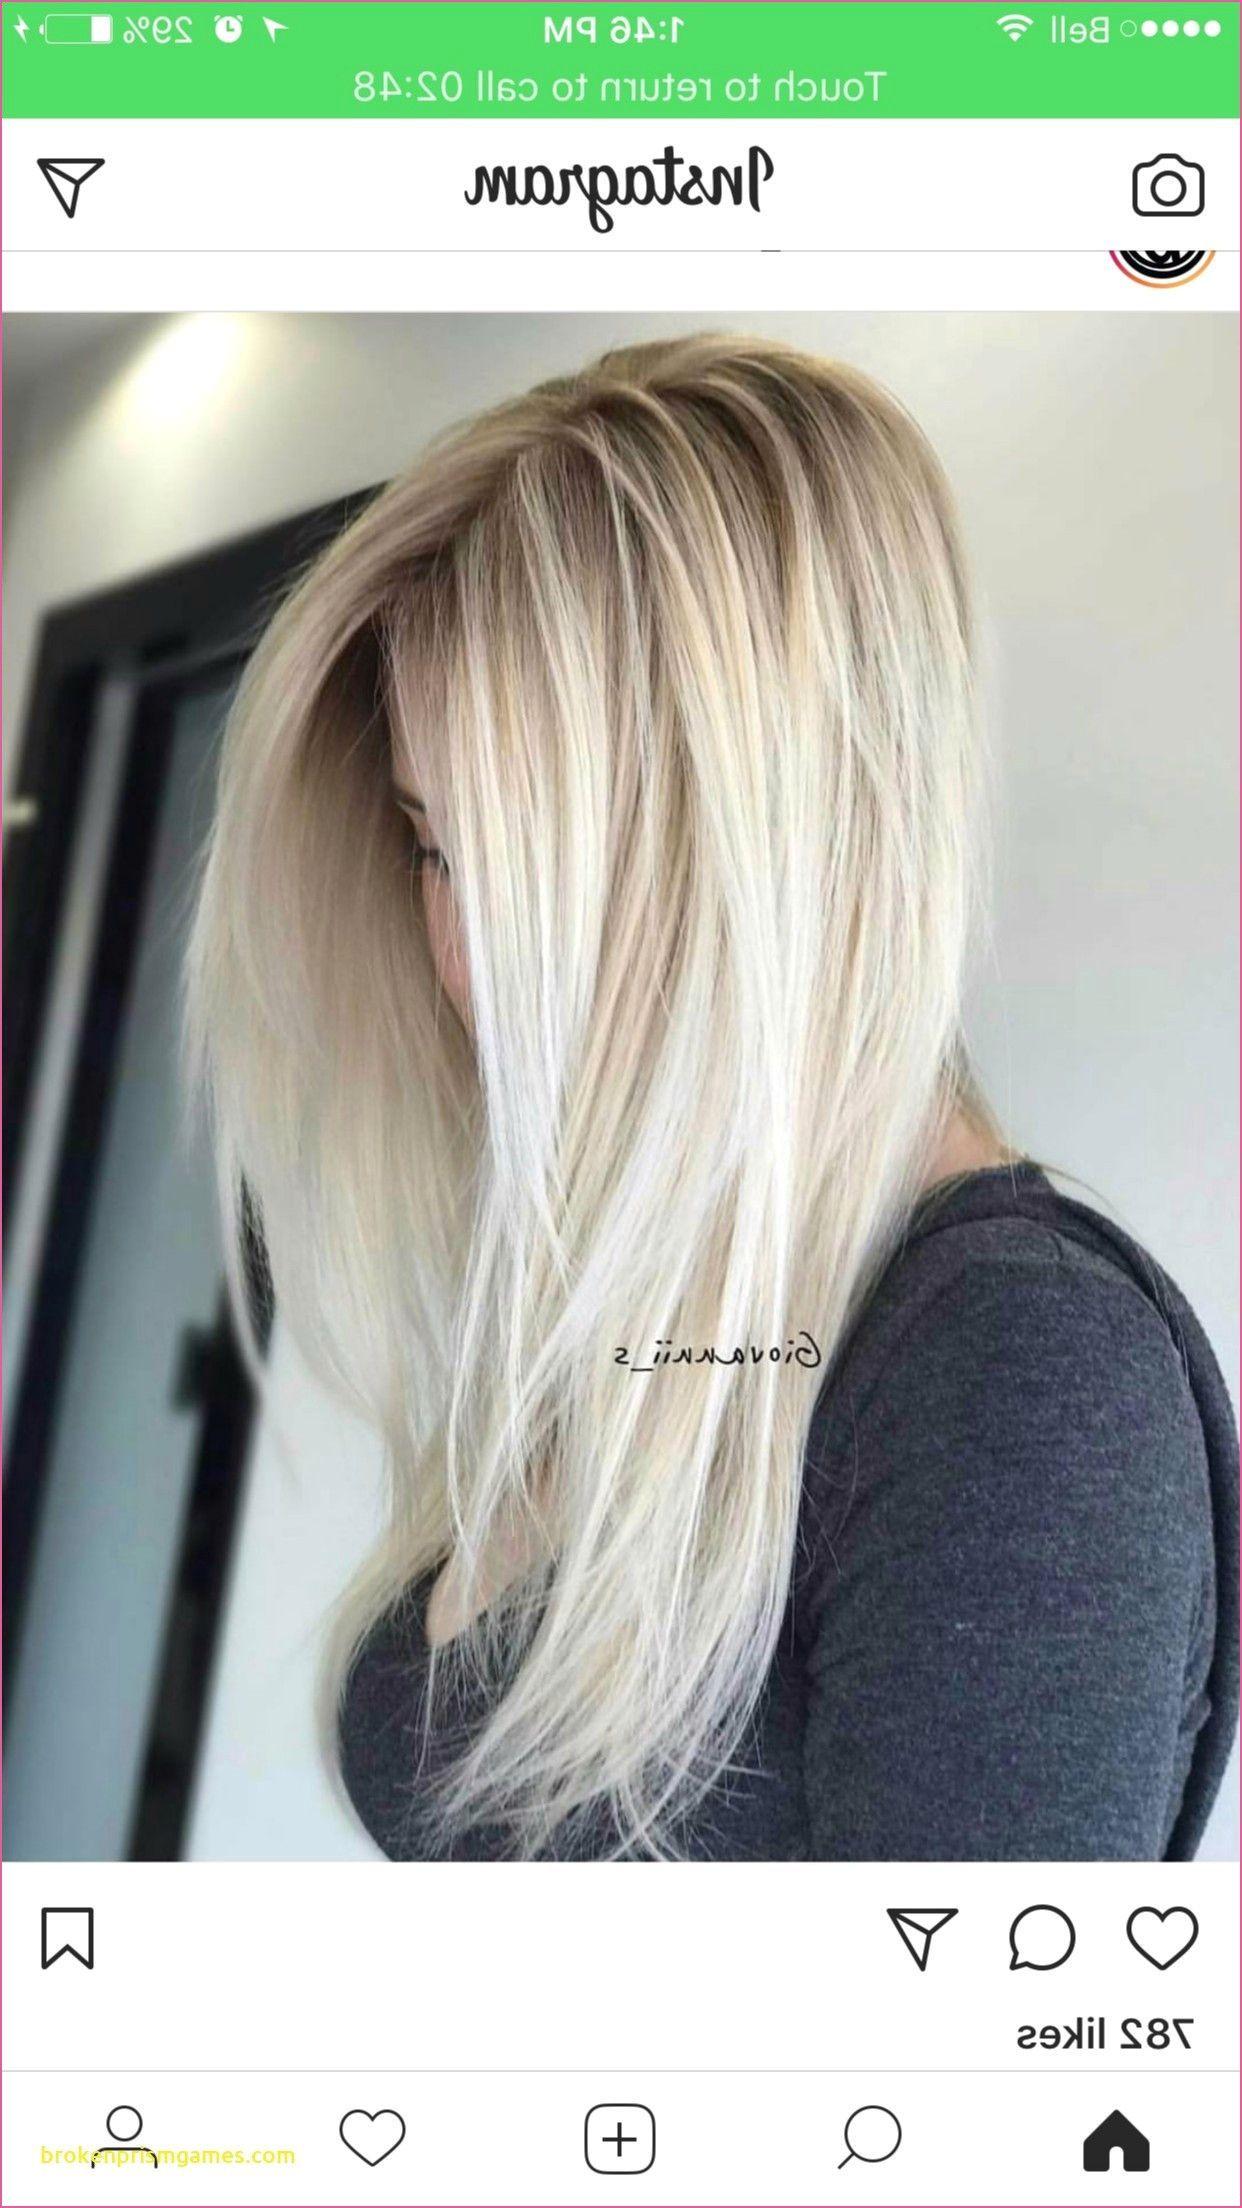 Kurze Haare Frauen Rundes Gesicht Bob Frisur Mittellange Haare Frisuren Damen Kurze Haare Frauen Rundes Gesicht